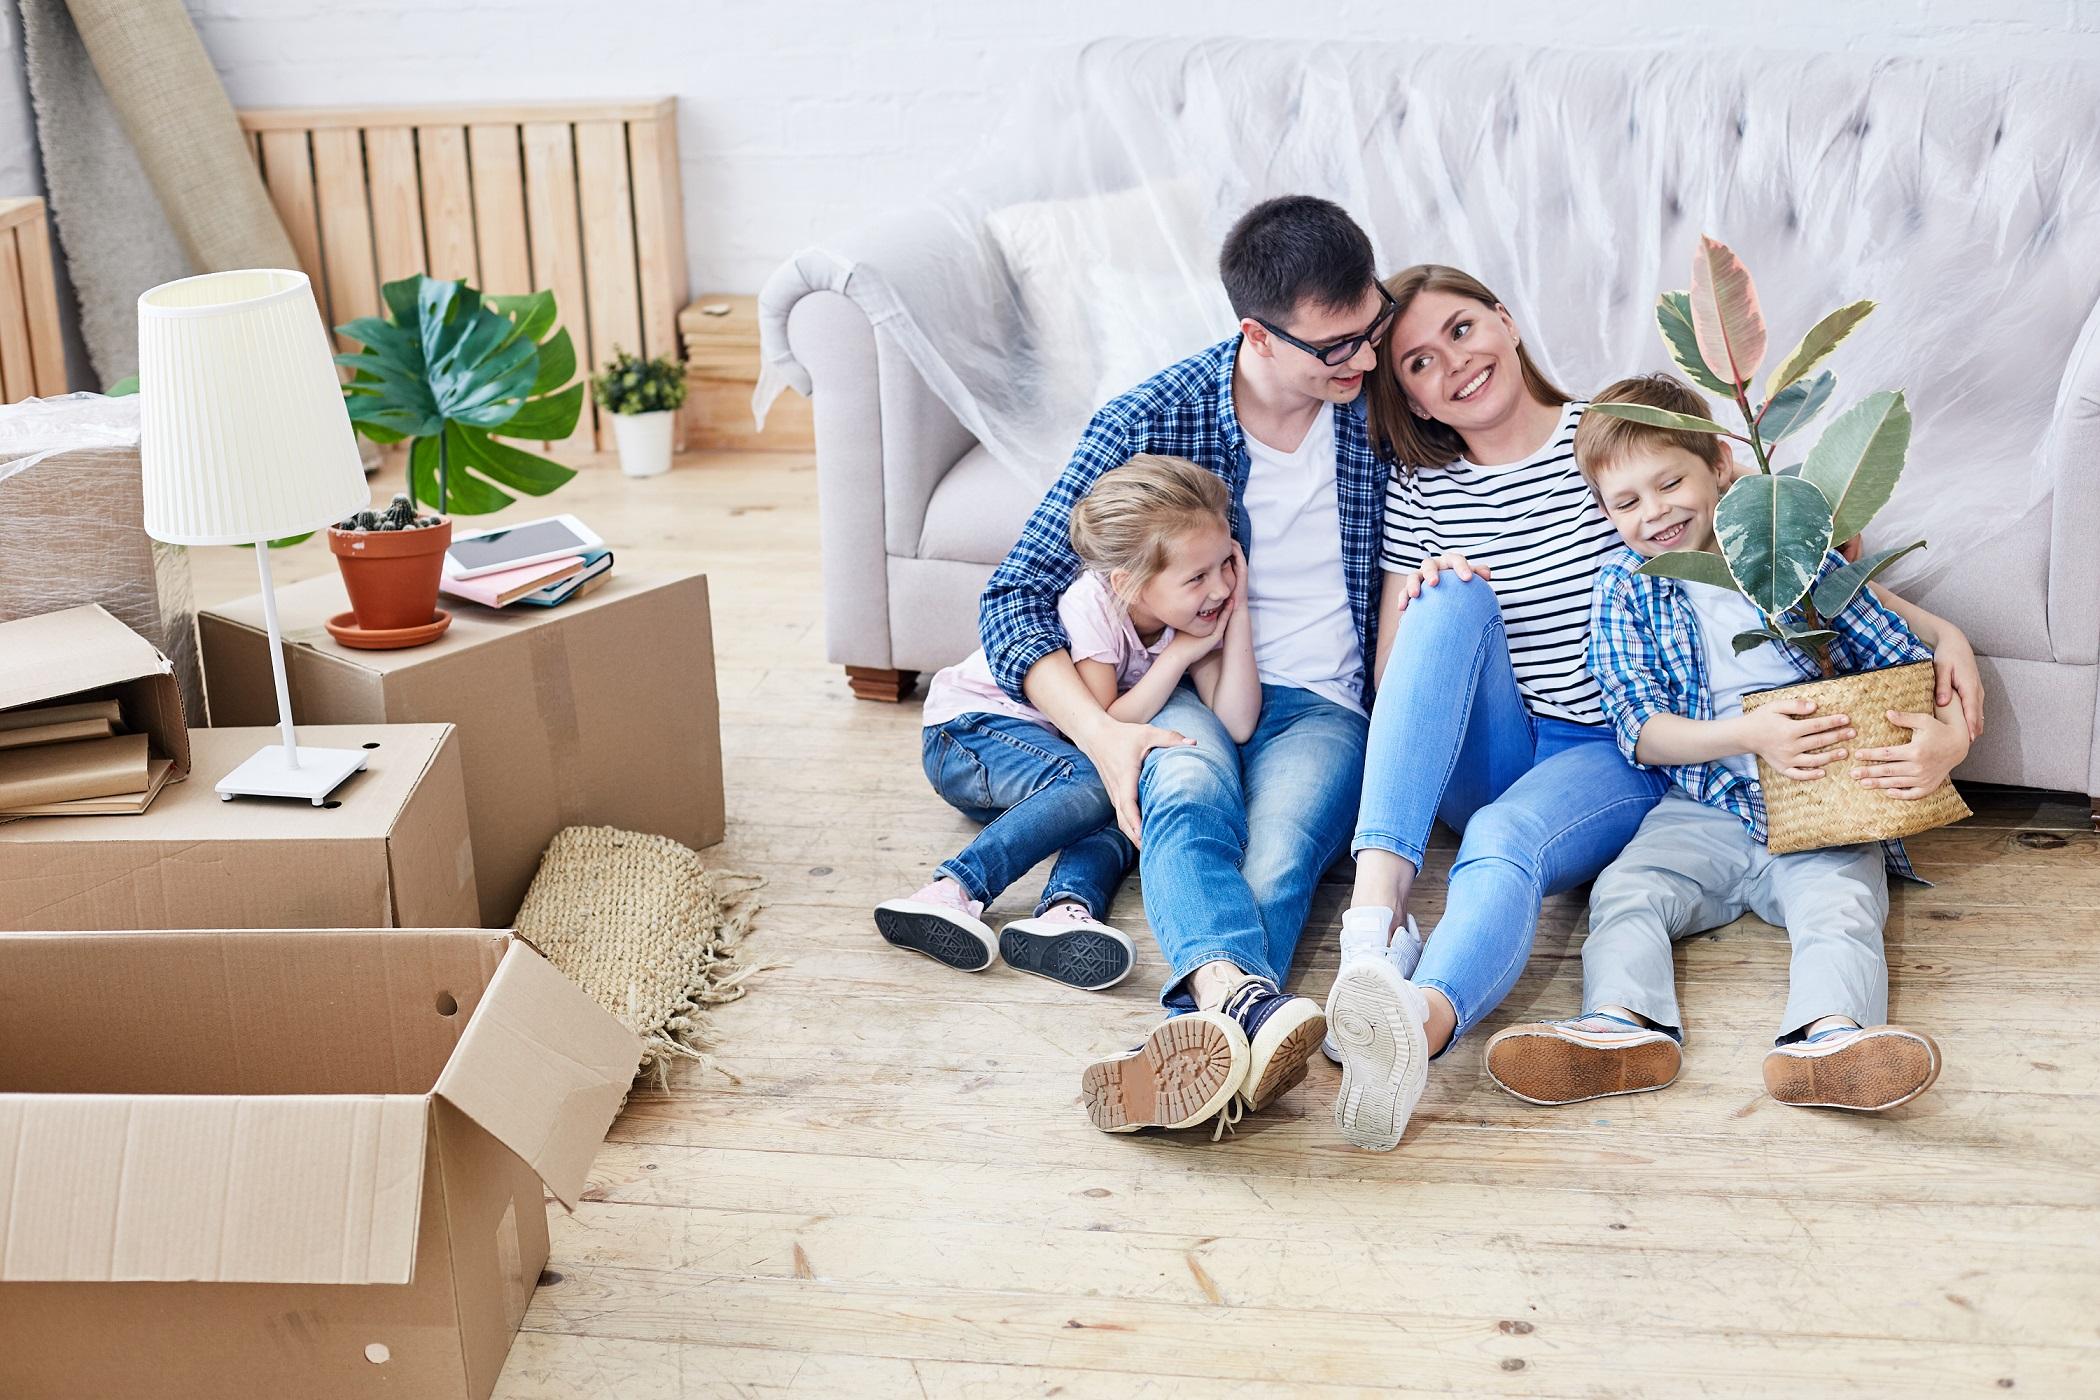 Entspannt umziehen – Beim Wohnungswechsel hilft eine Checkliste